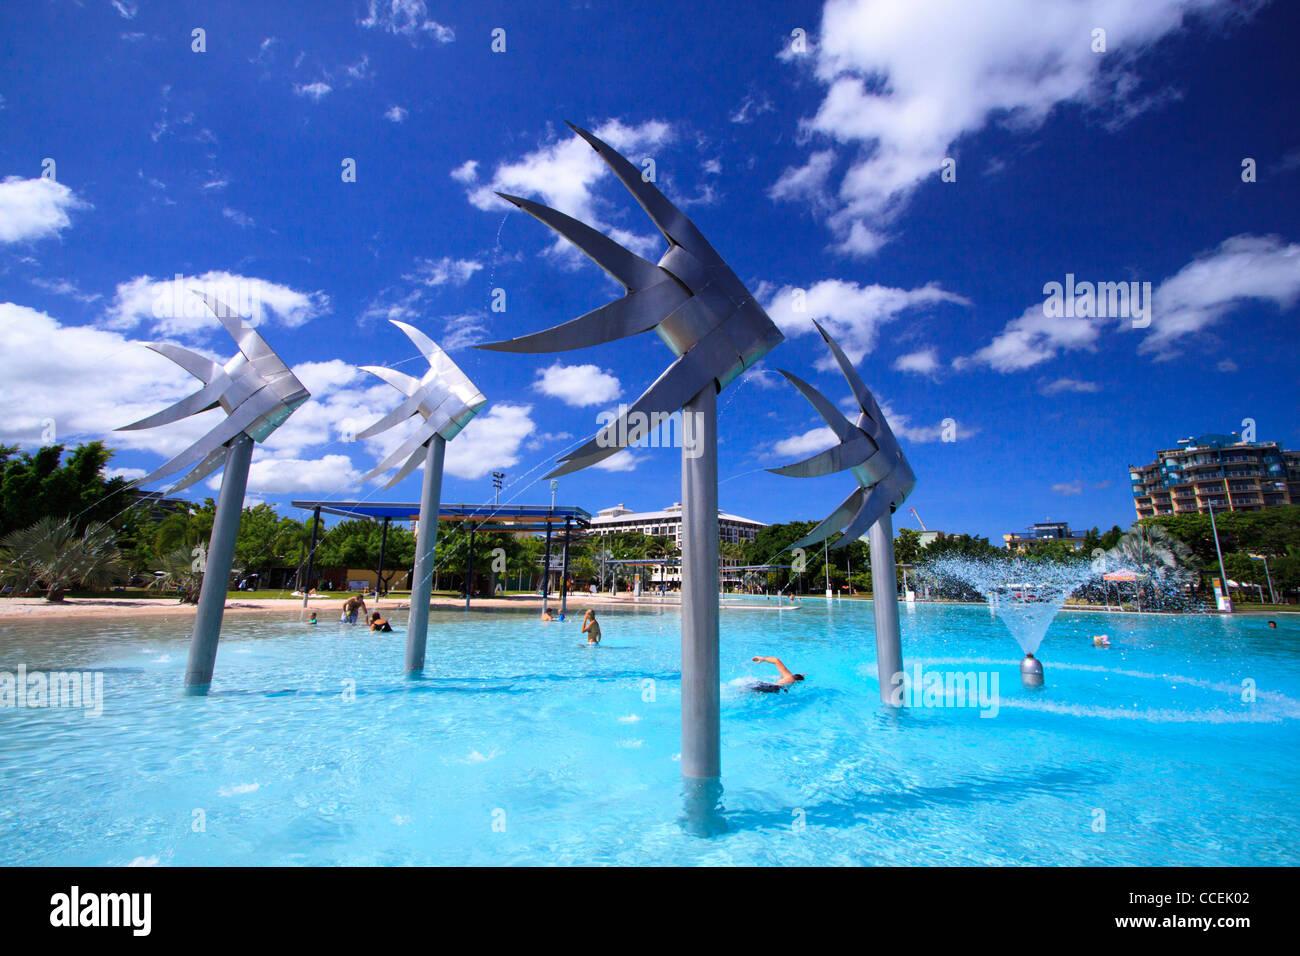 Le poisson géant statues sont une caractéristique bien connue de l'Esplanade de Cairns Lagoon. Far North Queensland, Banque D'Images